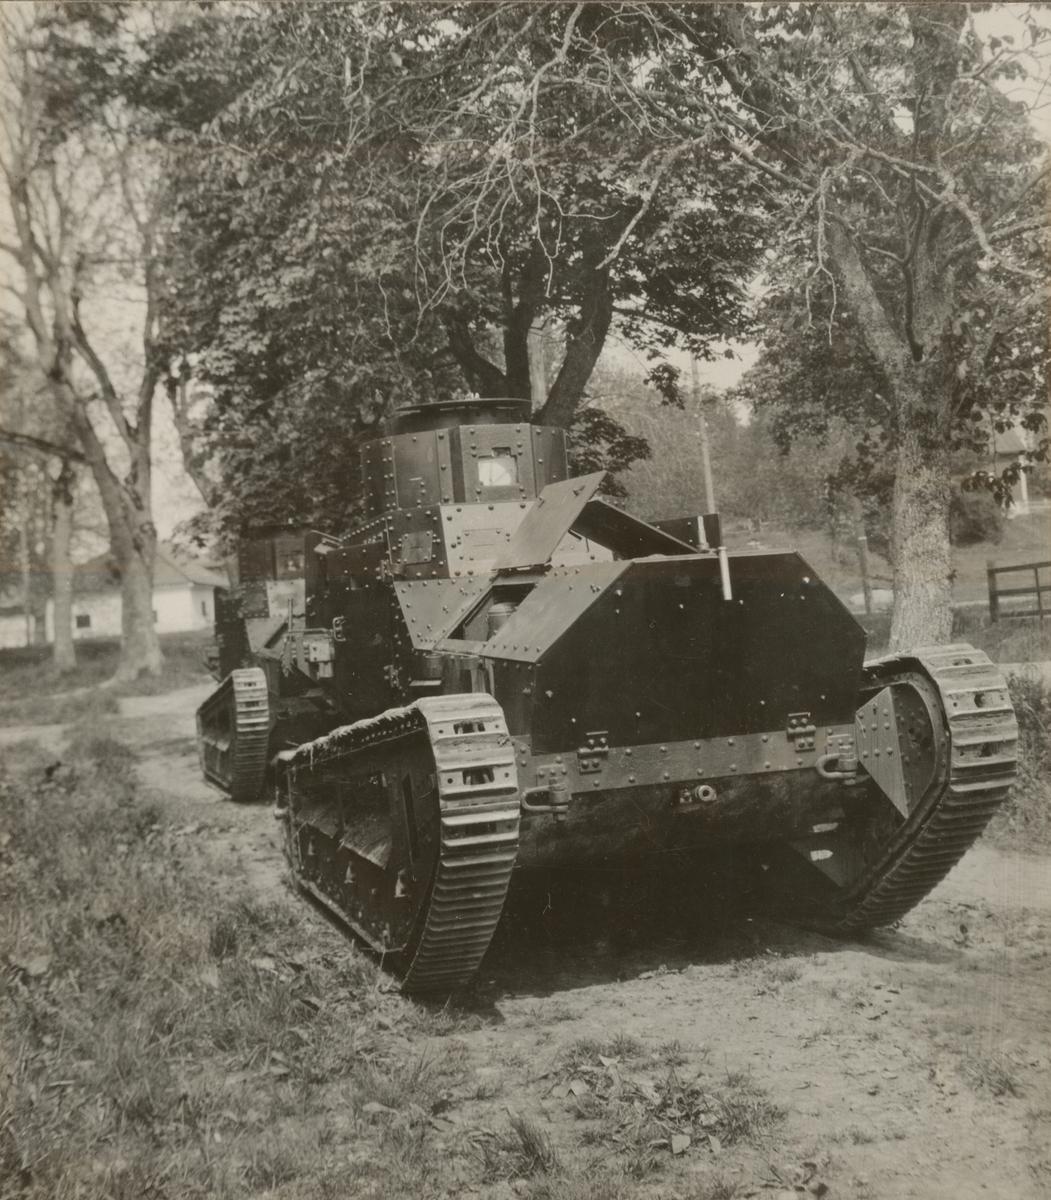 Två stridsvagnar m/1921 (eller m/1921-1929) på landsväg. Göta livgardes stridsvagnsbataljon år 1928-1930.